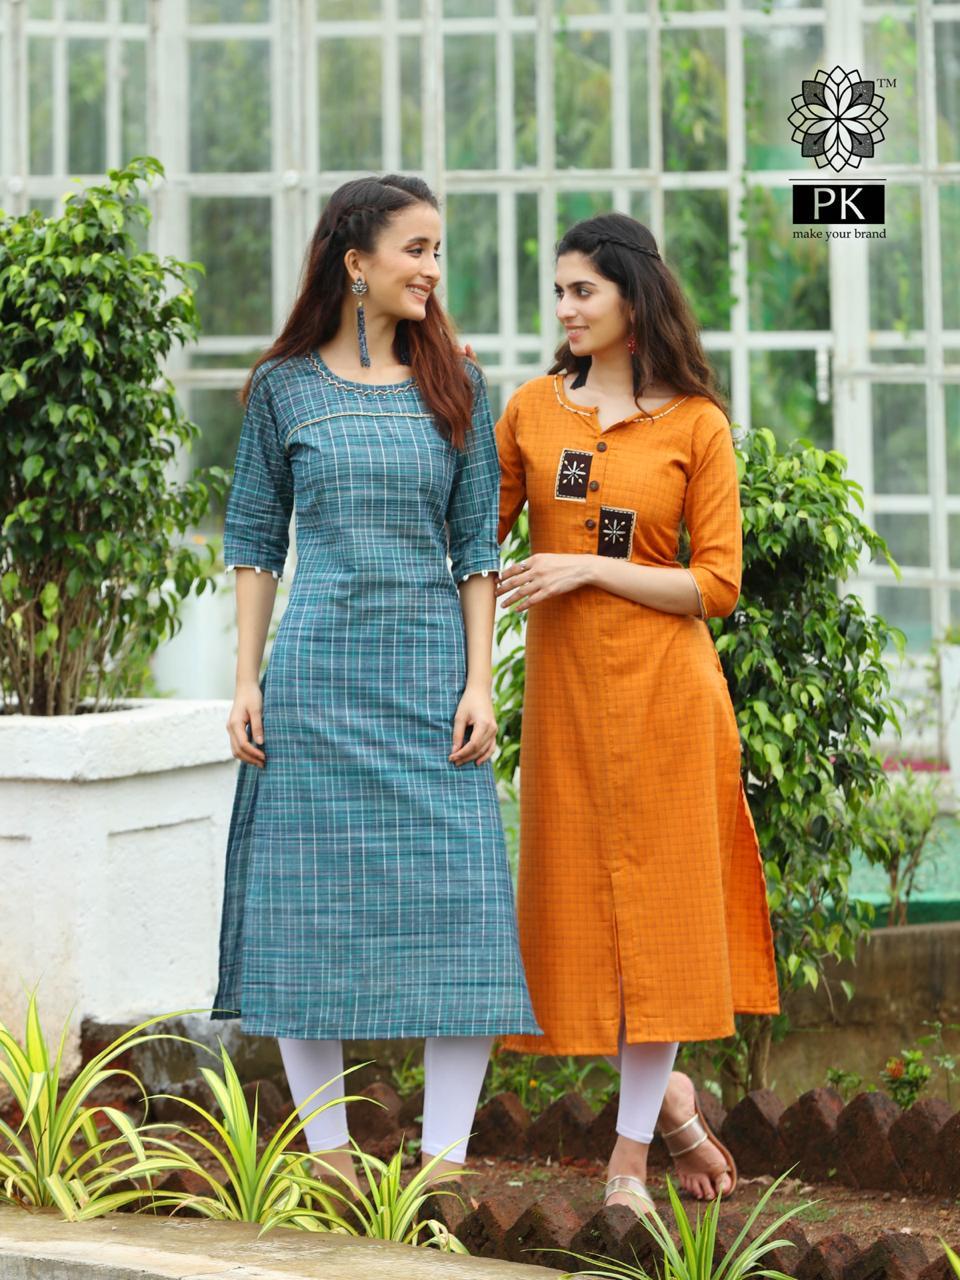 Pk Fashion Official Vol 1 Kurti Wholesale Catalog 9 Pcs 7 - Pk Fashion Official Vol 1 Kurti Wholesale Catalog 9 Pcs